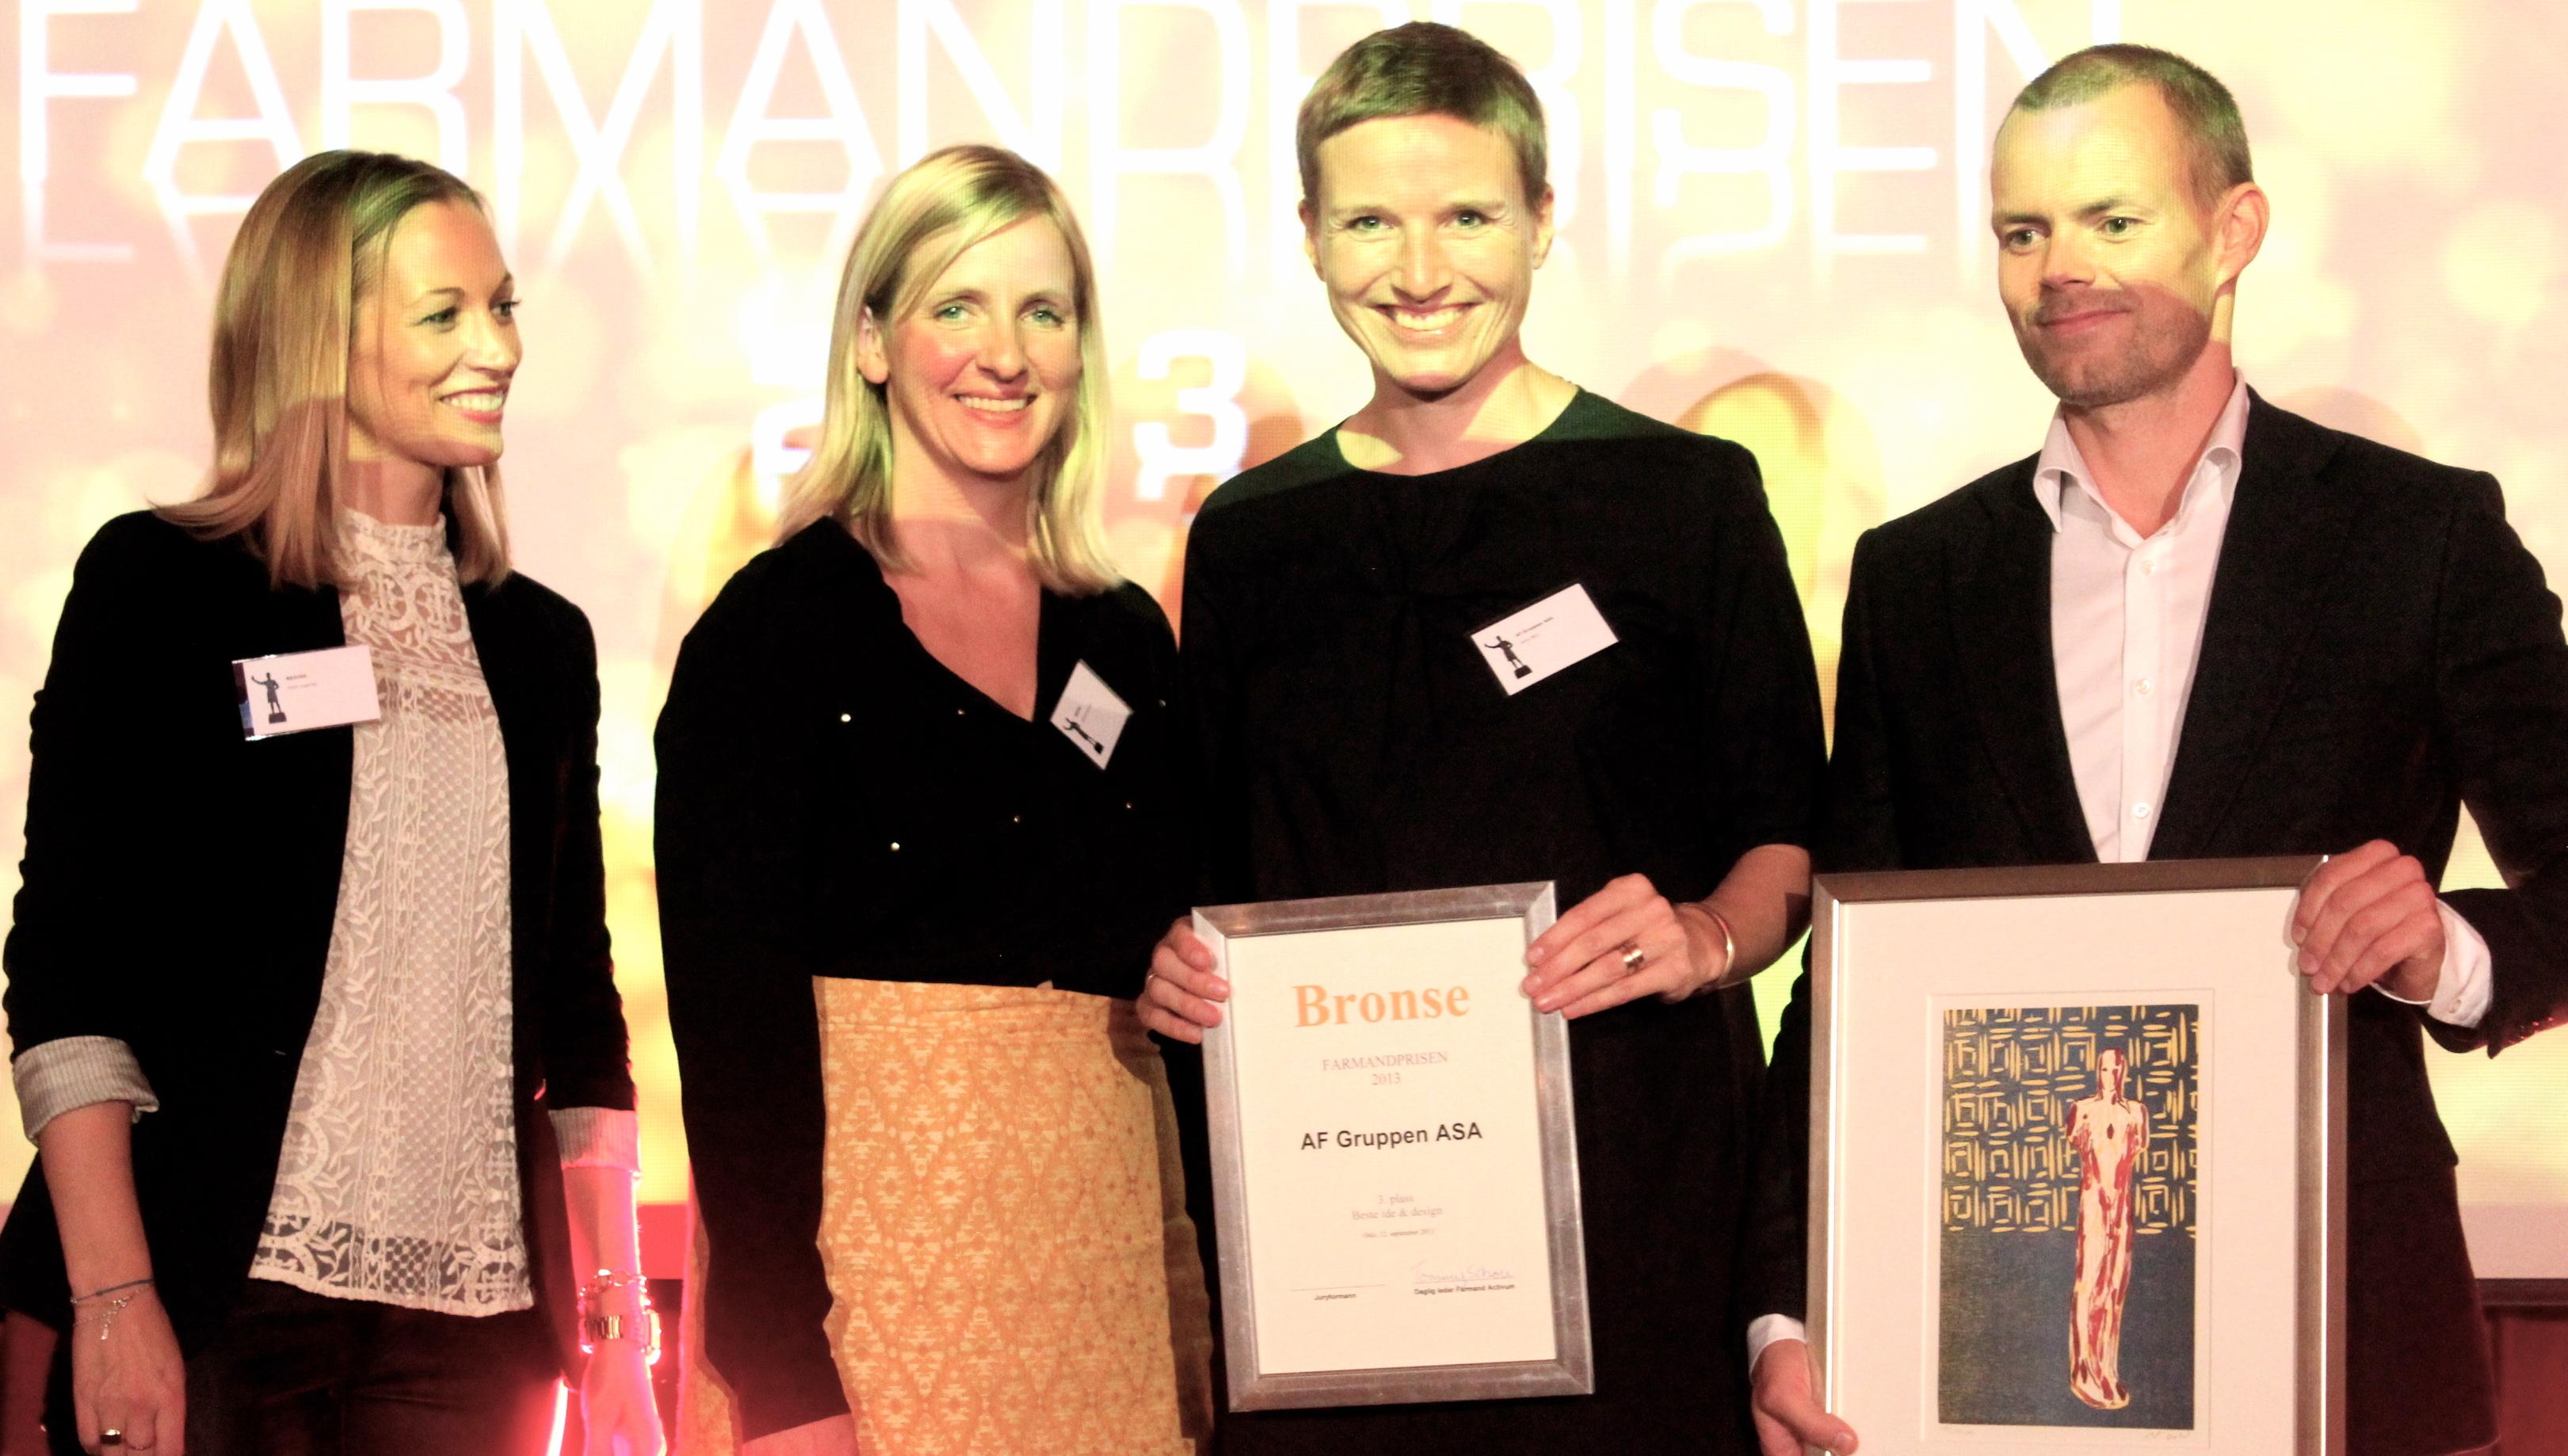 Farmandprisen Beste Årsrapport 2013 - Beste Ide & design nr 3: AF Gruppen